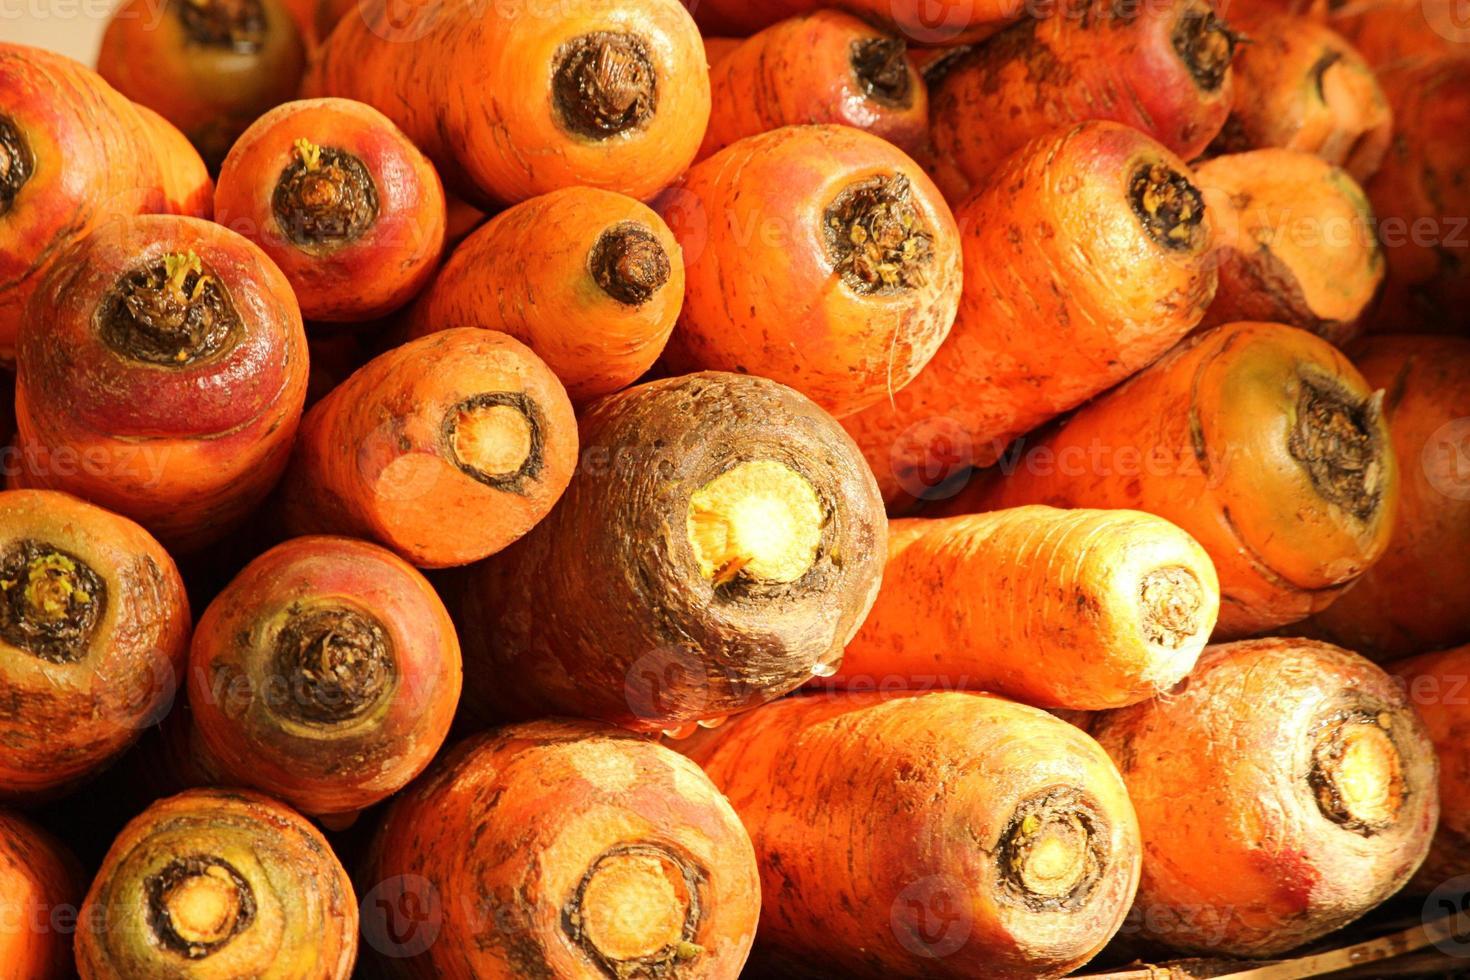 carote fresche al mercato foto